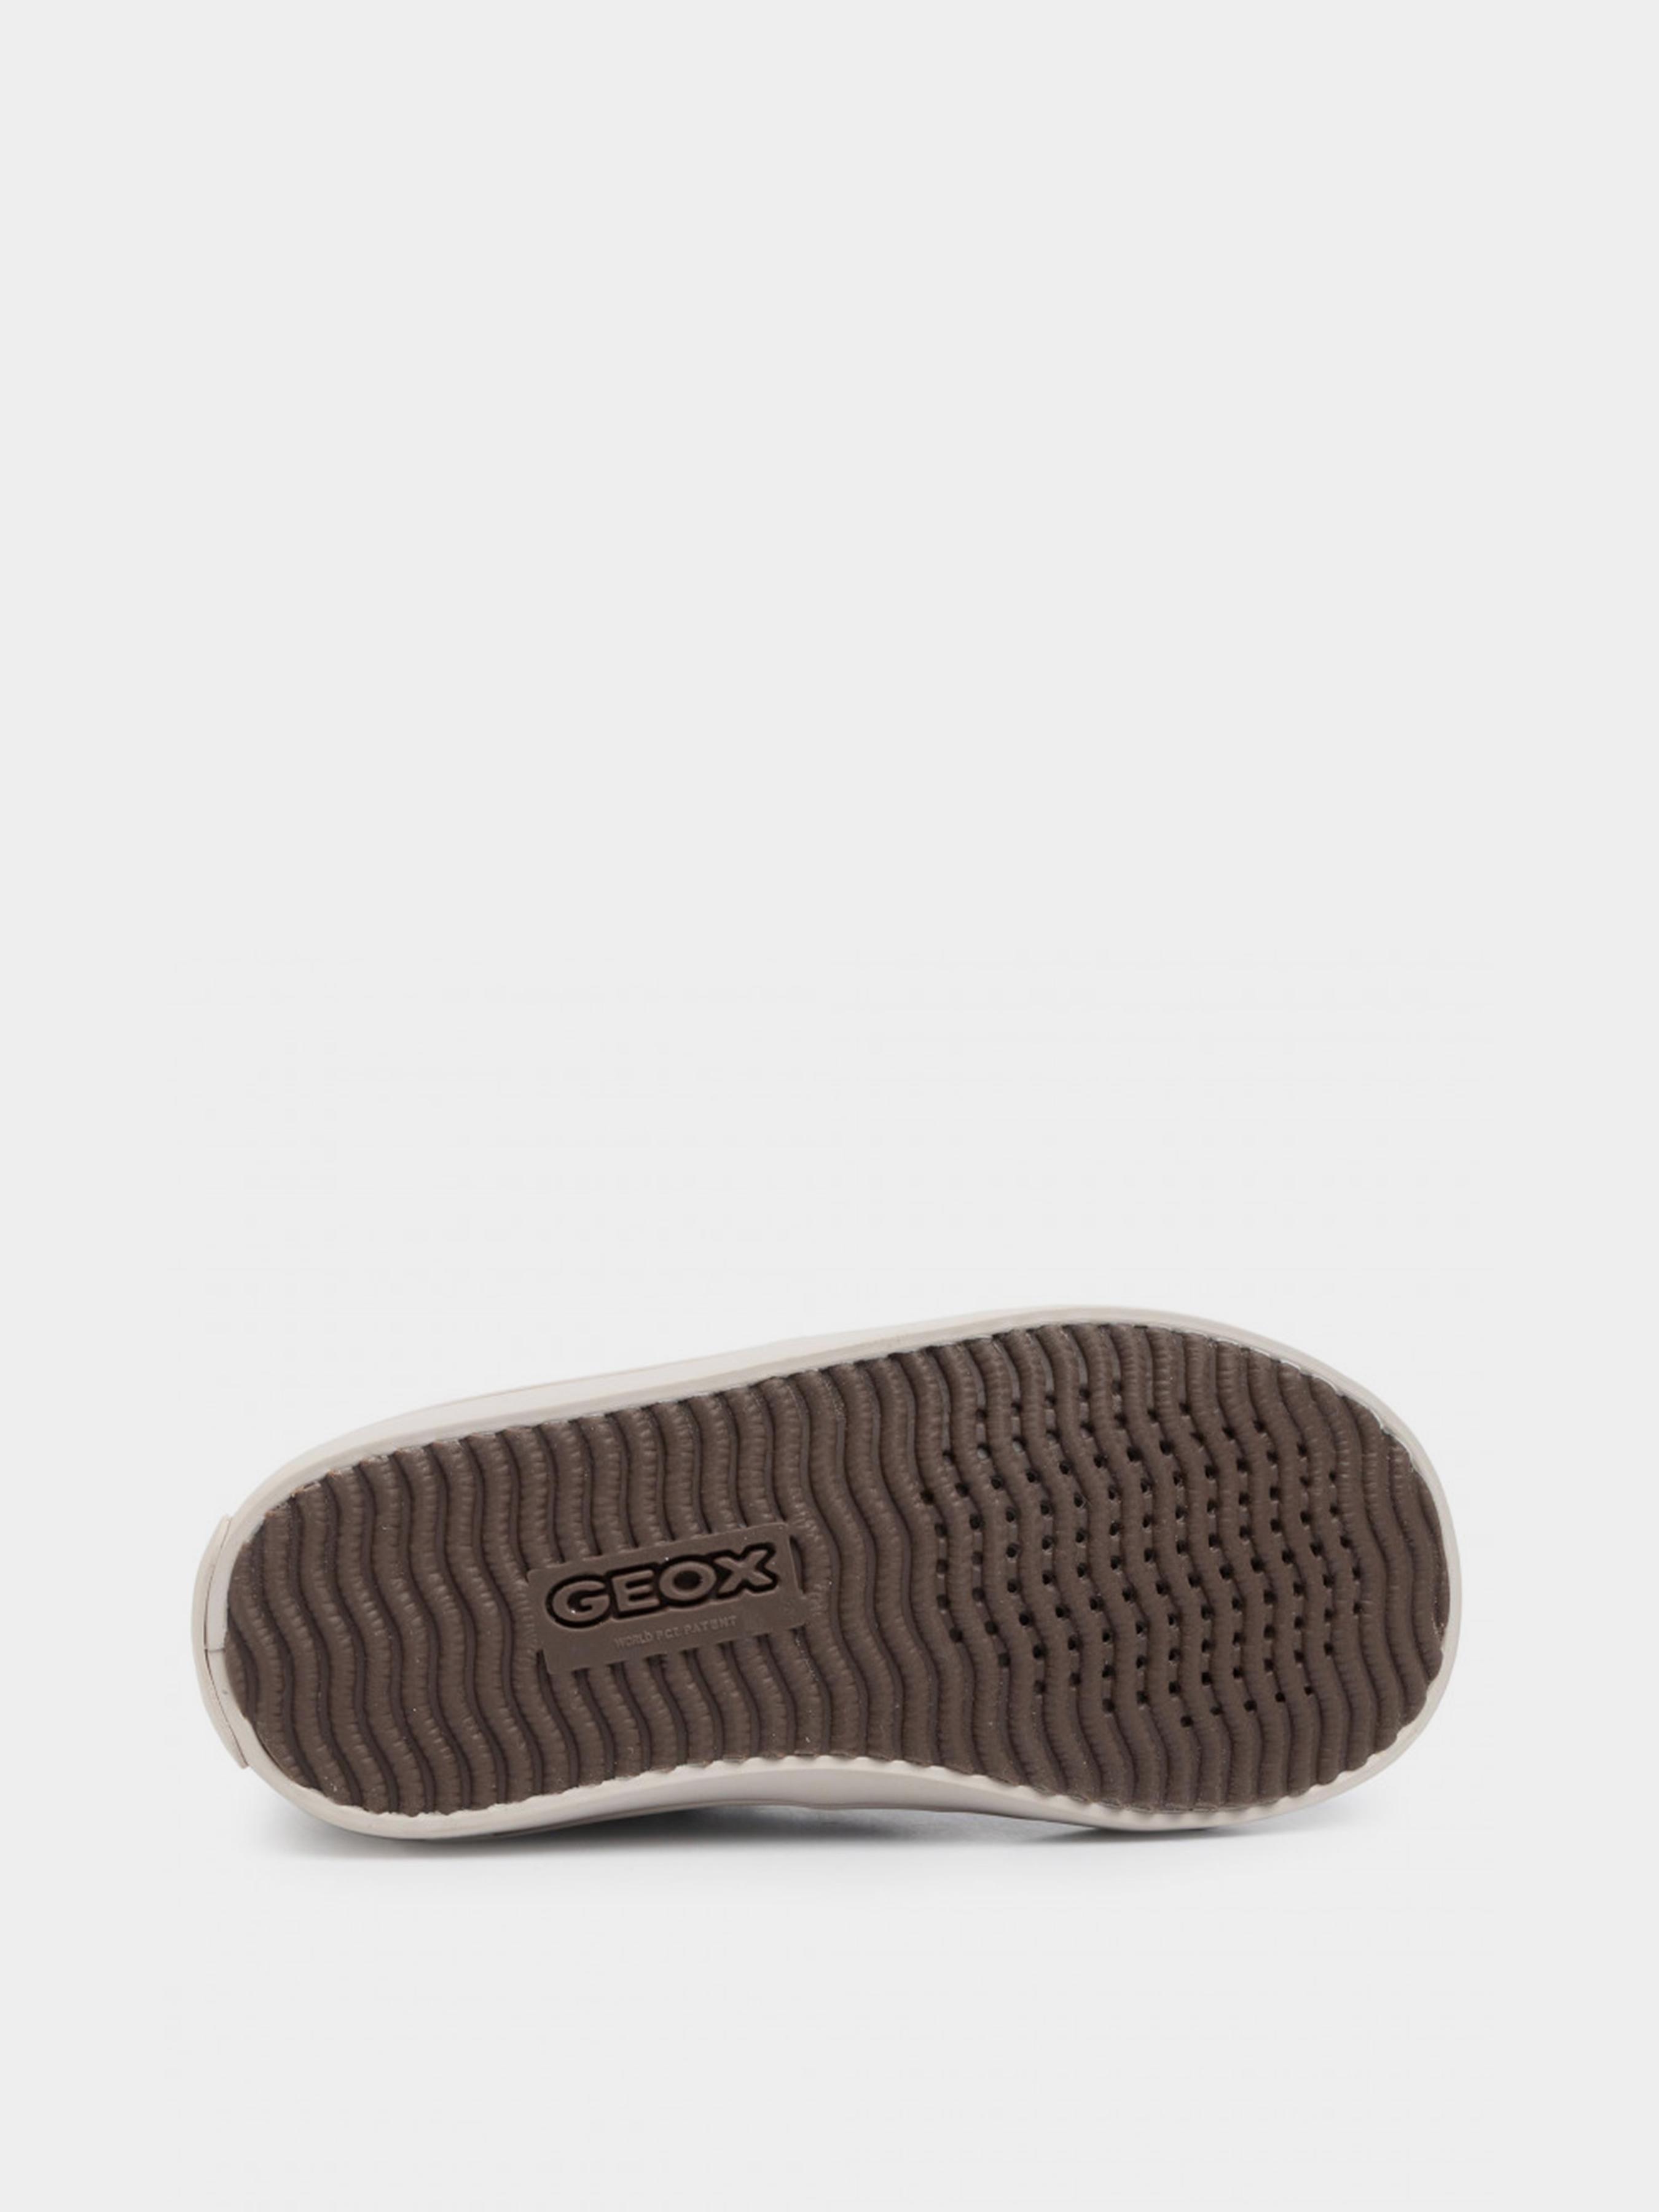 Ботинки детские Geox J GISLI GIRL XK6408 брендовая обувь, 2017